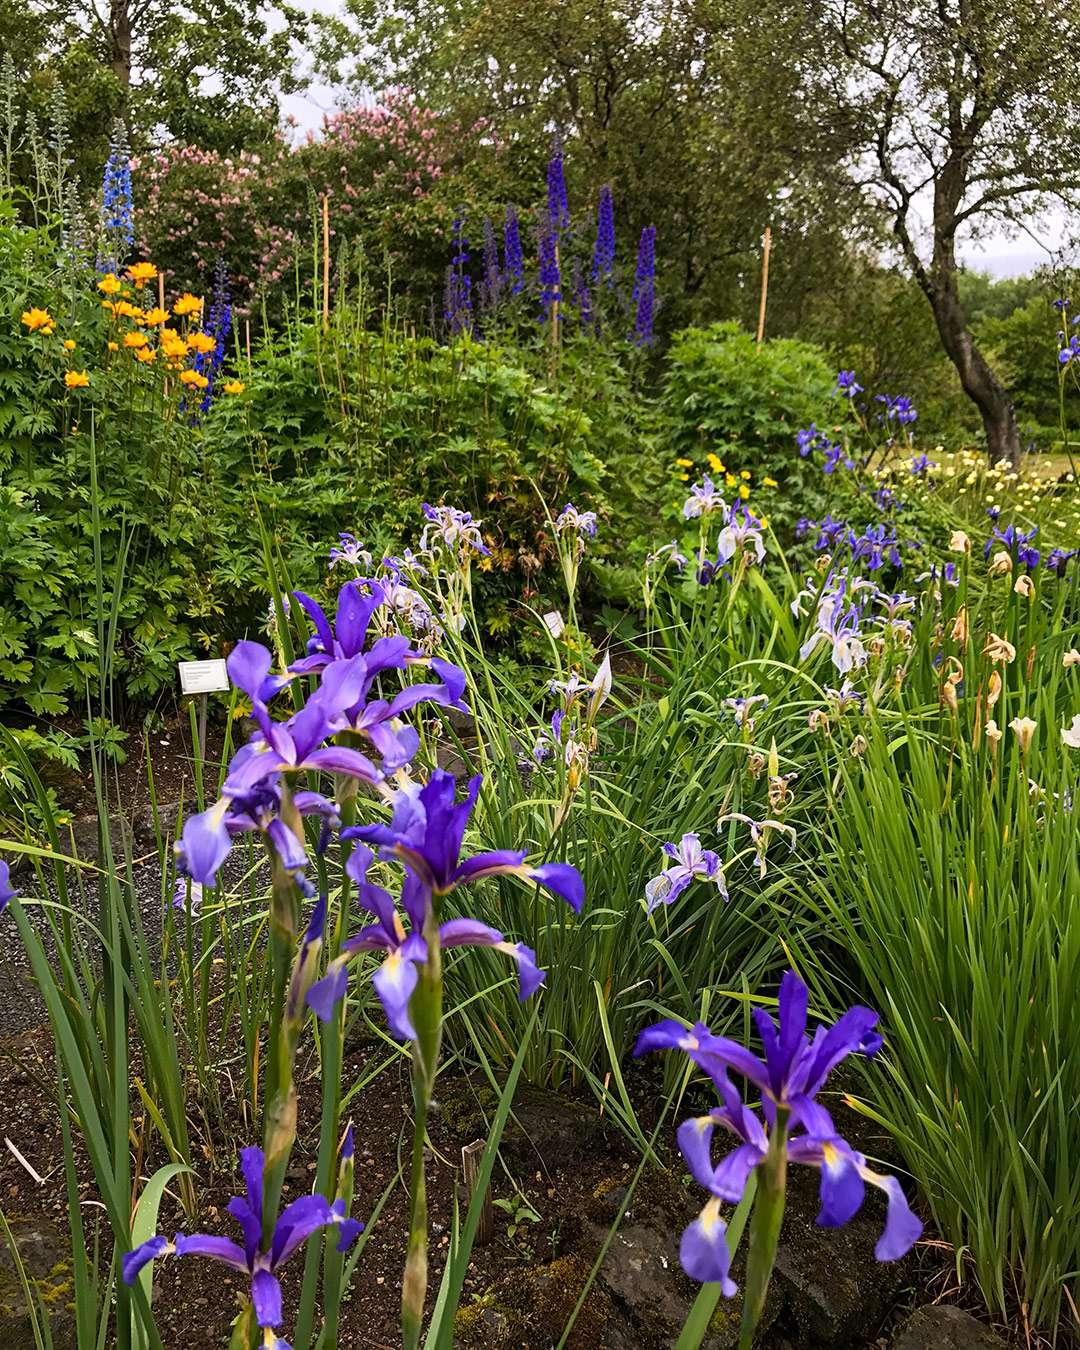 blomstrende iris og andre stauder i reykjavik botaniske have